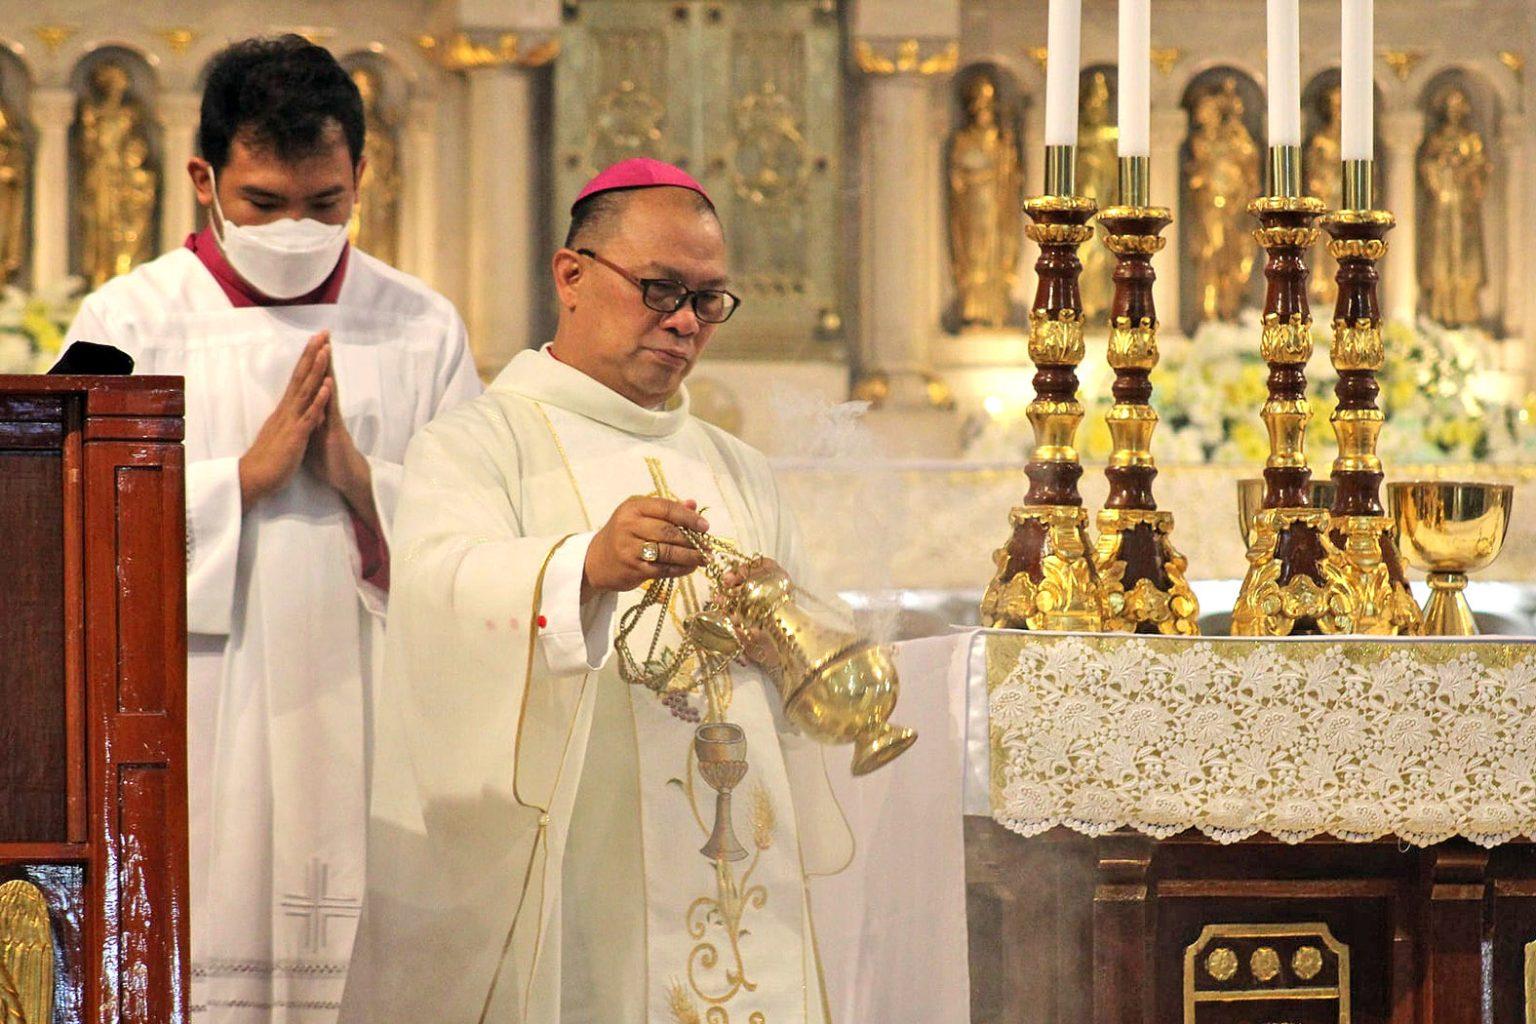 Bishop warns against 'sedevacantist' group